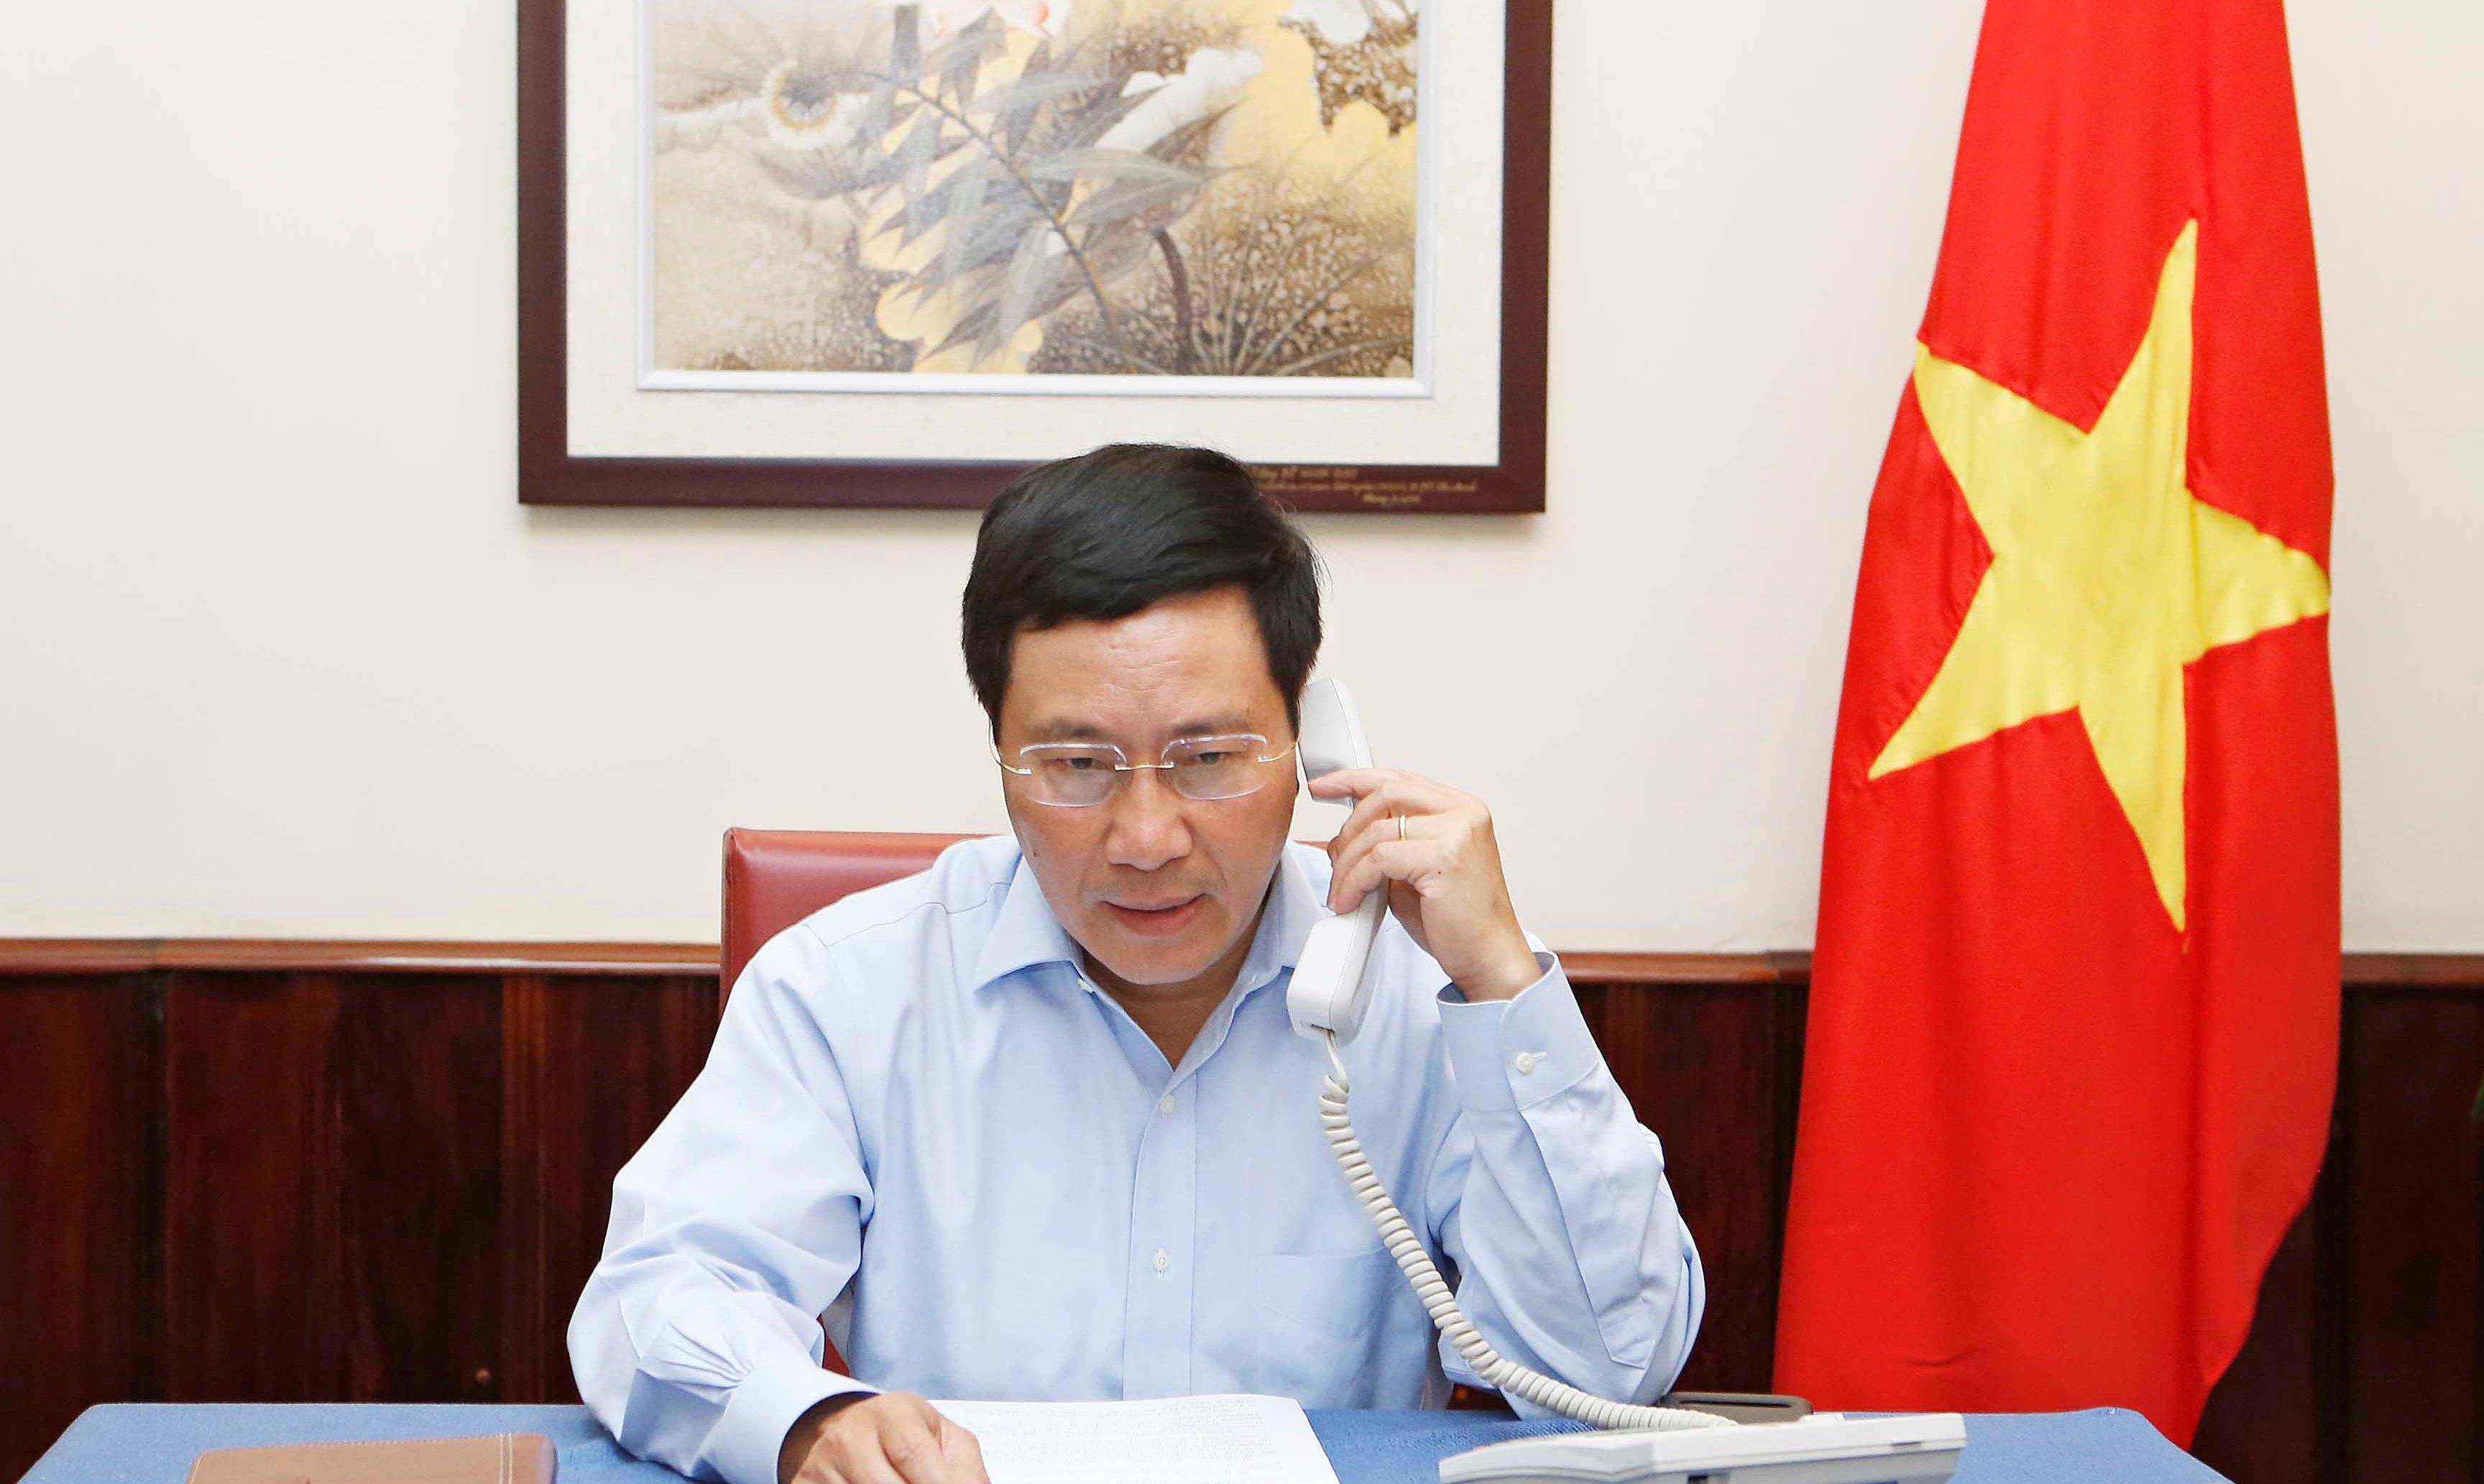 Phó Thủ tướng, Bộ trưởng Ngoại giao Phạm Bình Minh điện đàm với Ngoại trưởng Indonesia